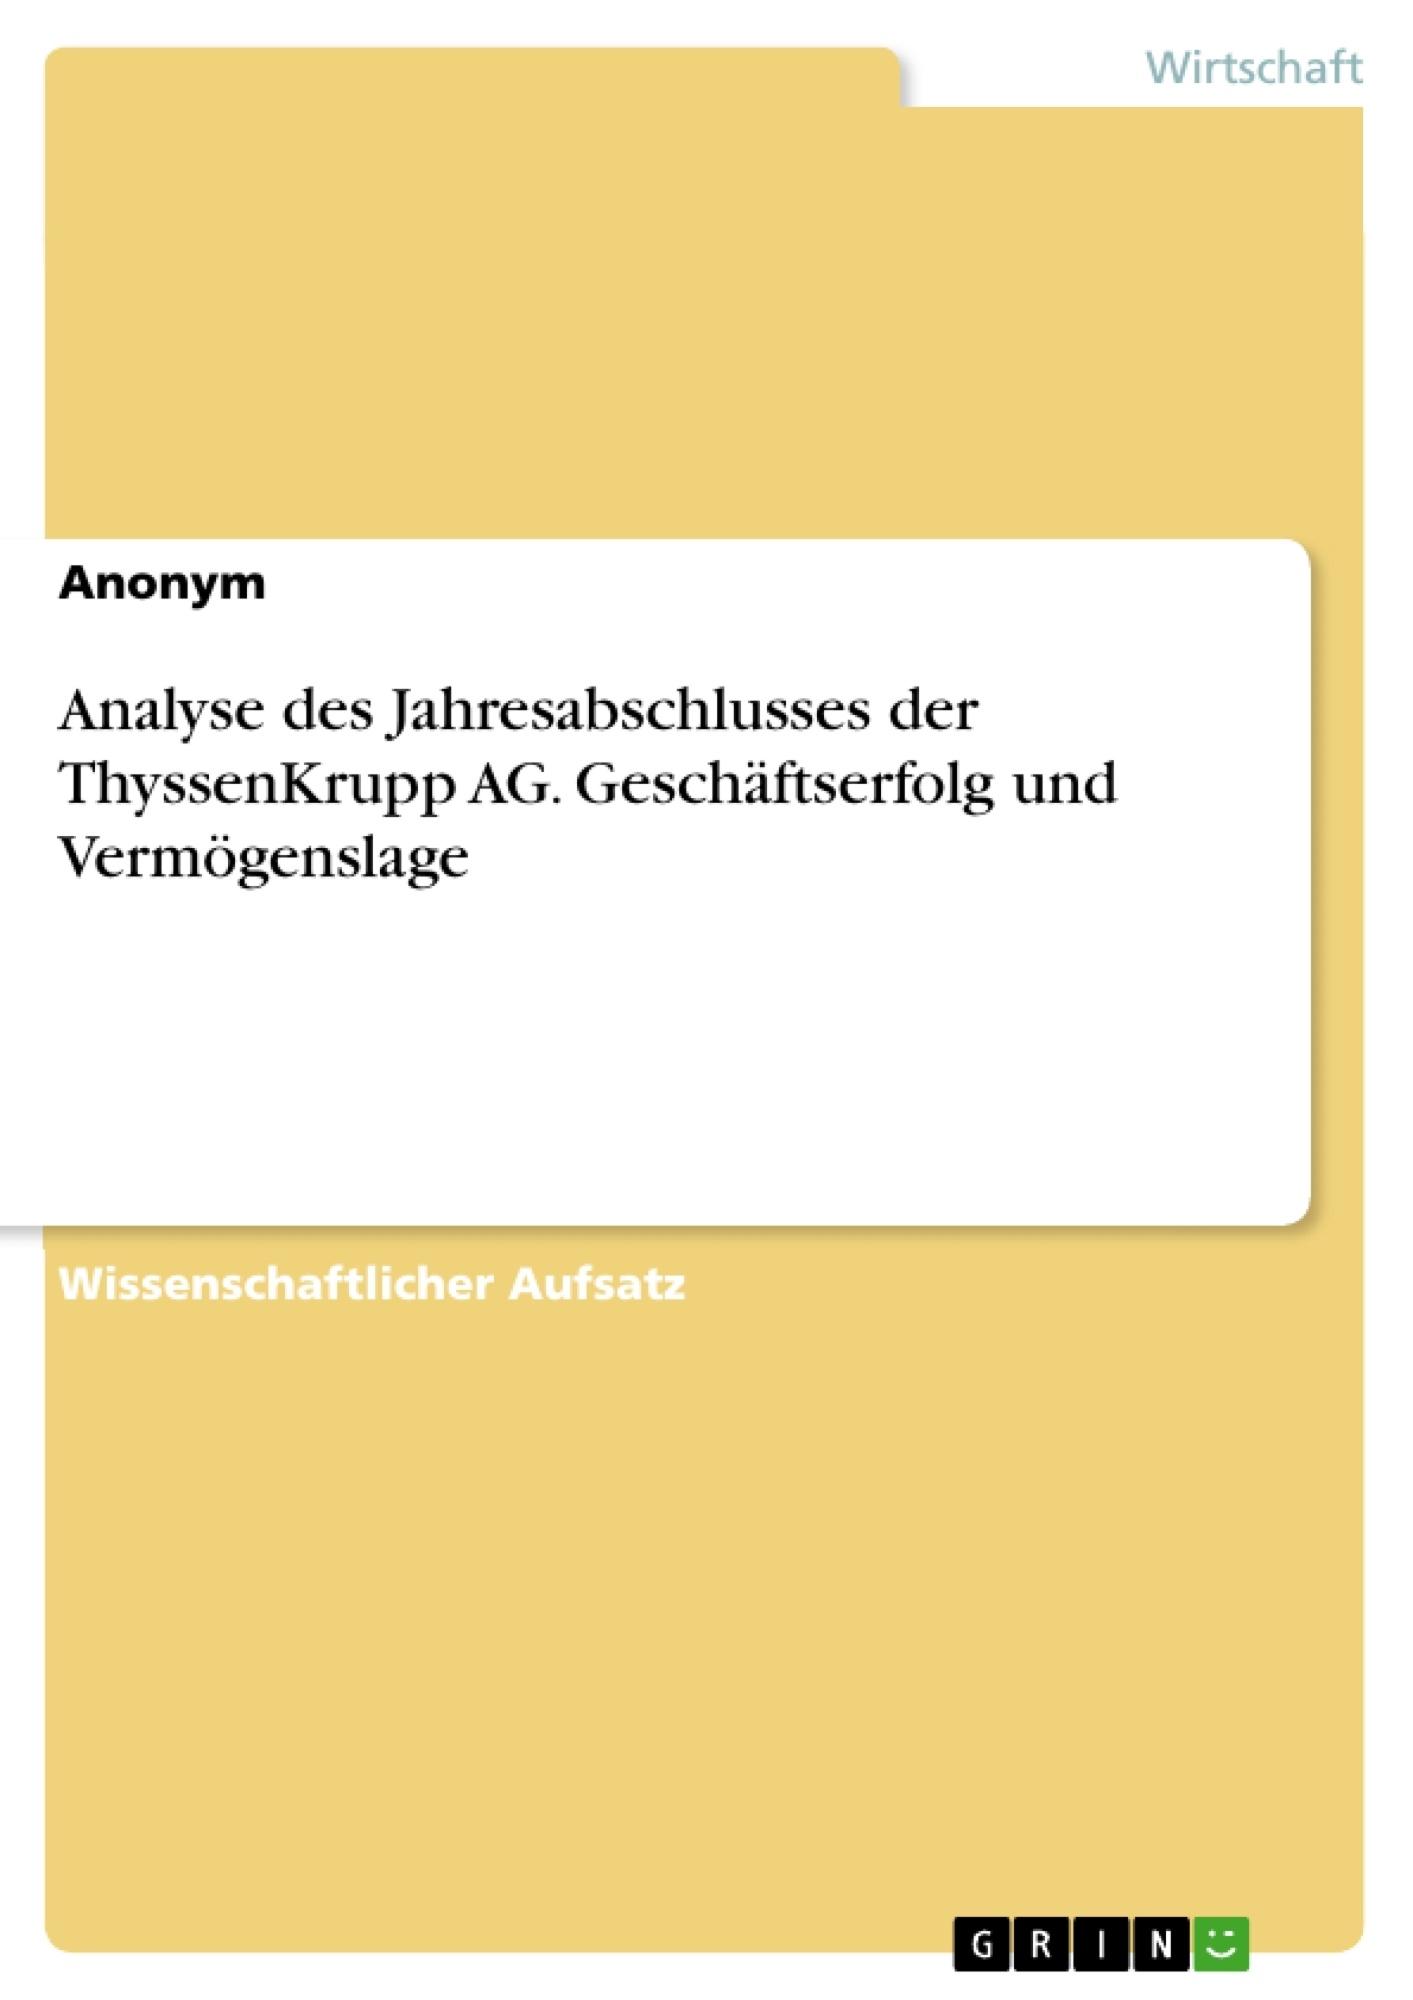 Titel: Analyse des Jahresabschlusses der ThyssenKrupp AG. Geschäftserfolg und Vermögenslage